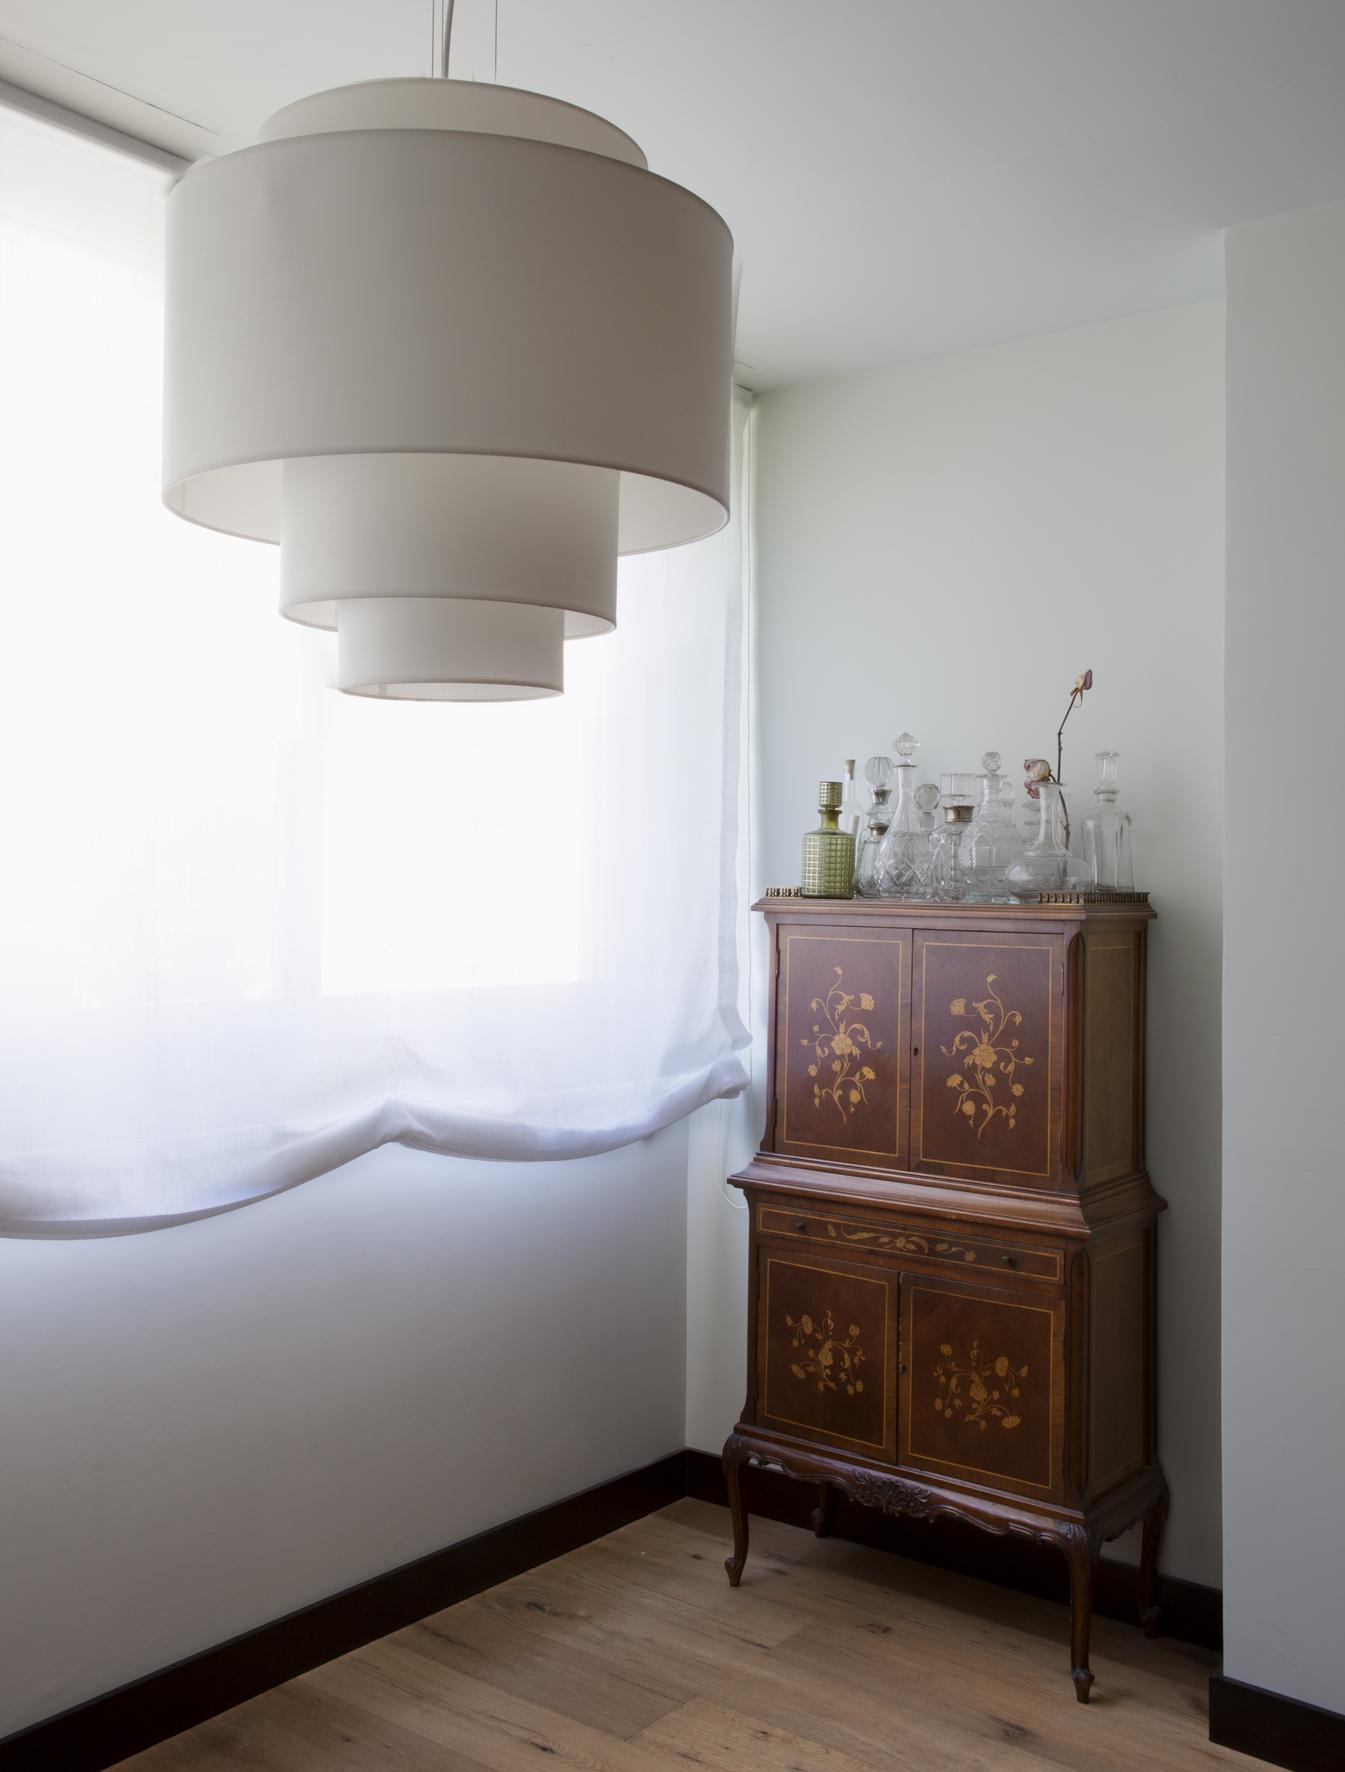 Interiorismo_11.jpg